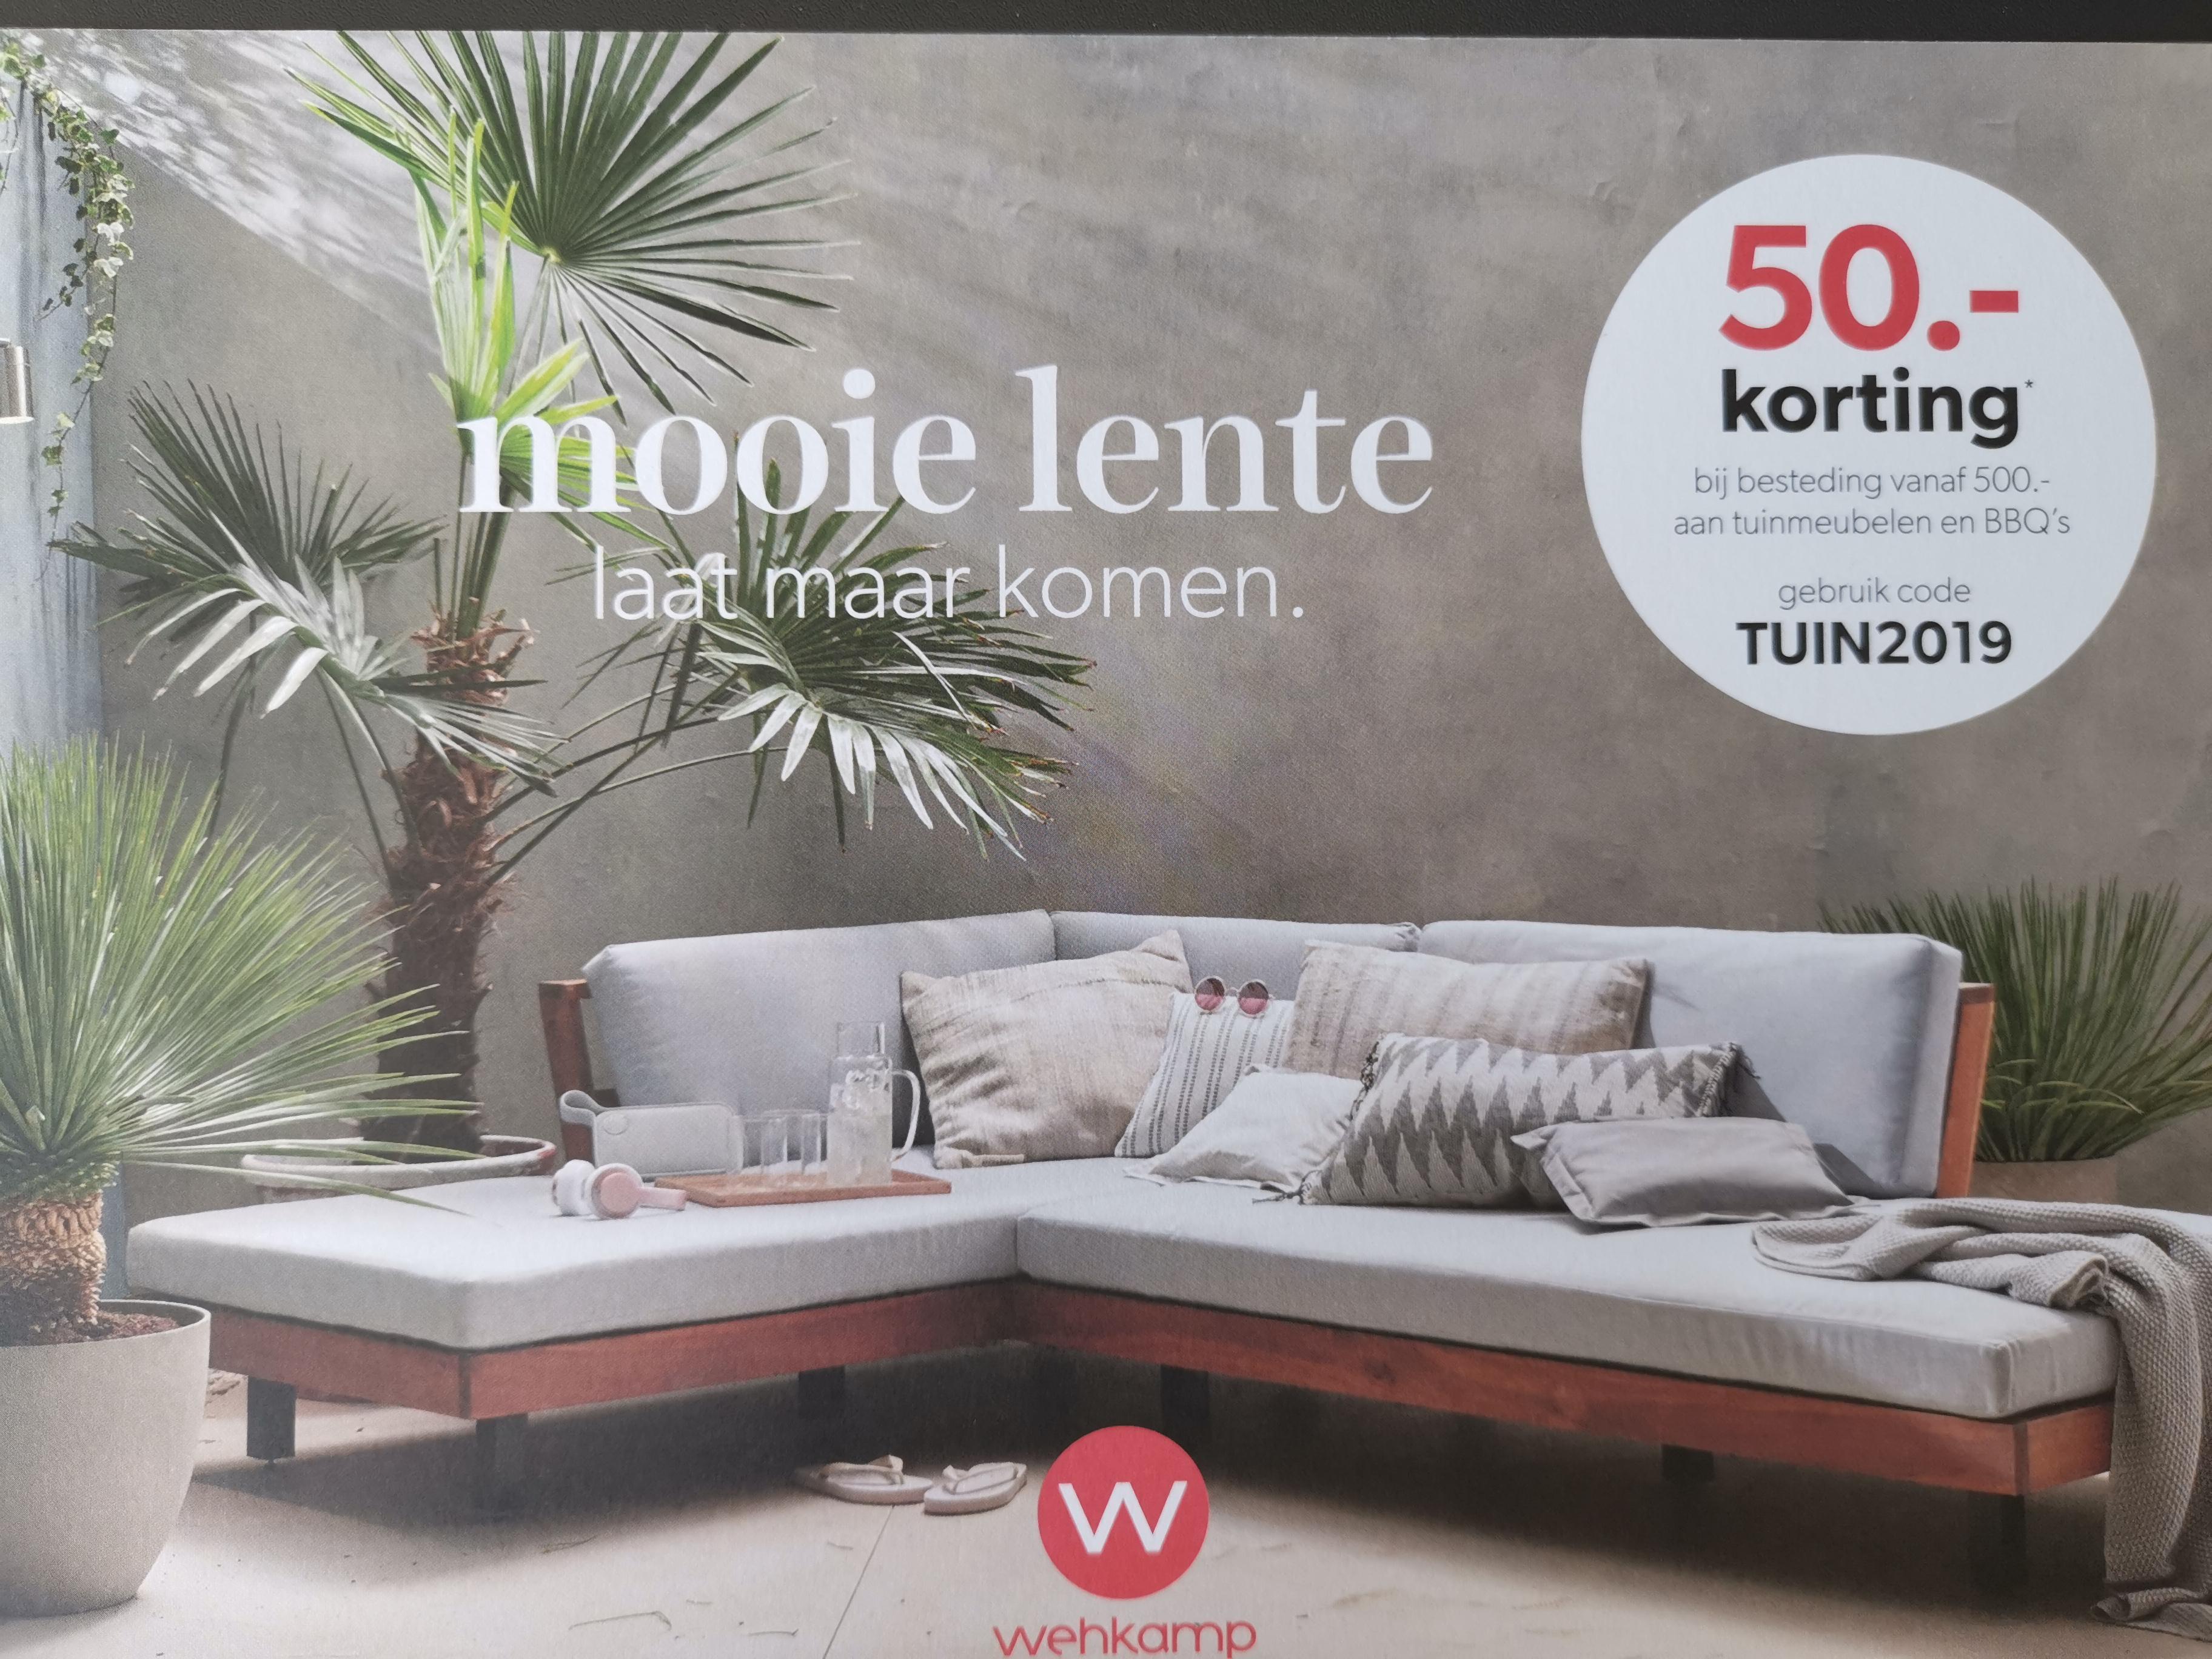 €50 korting bij bestelling vanaf €500 aan tuinmeubelen en BBQ's @ Wehkamp